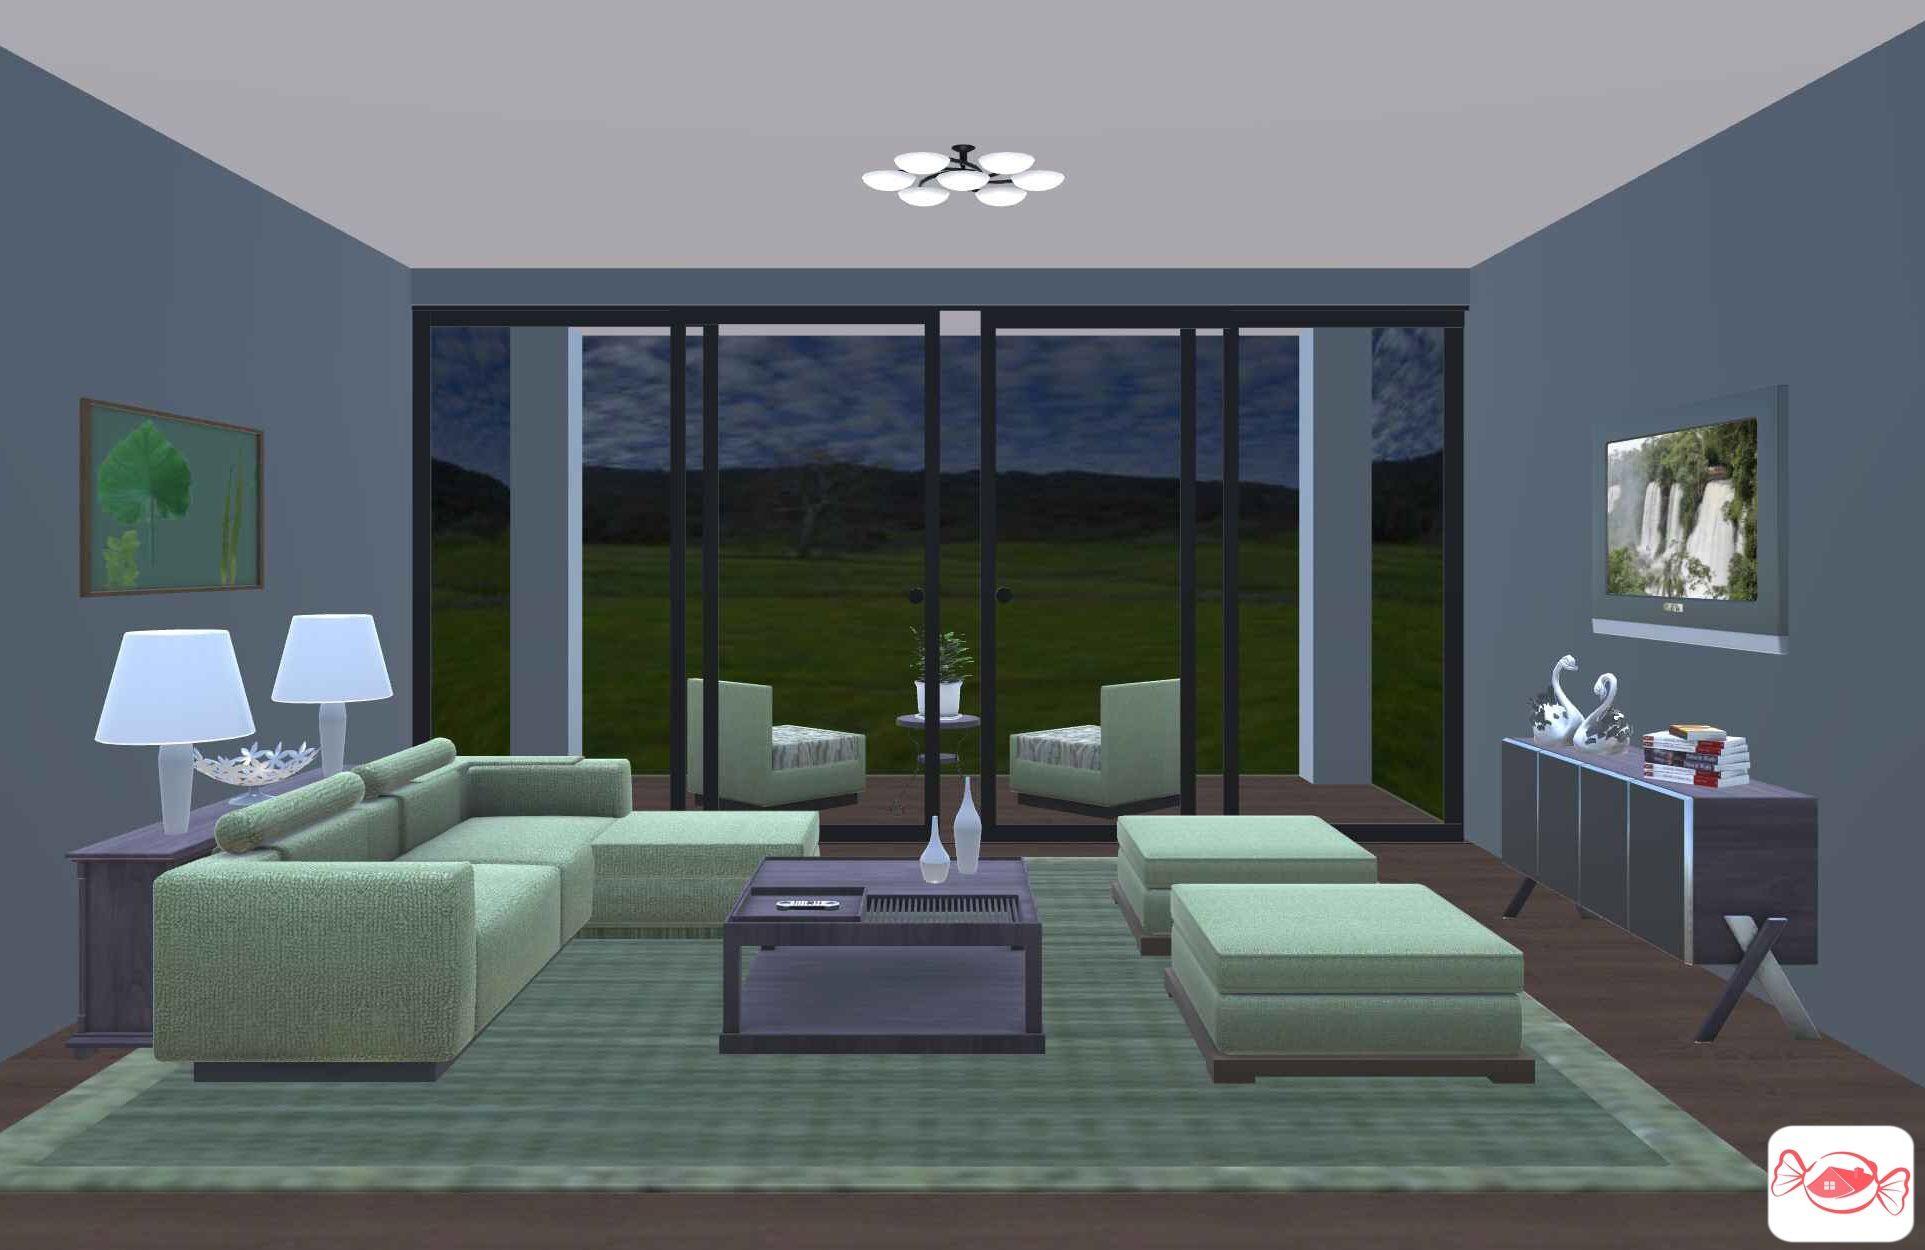 Indoor Outdoor Living Room Indoor Outdoor Living Room Outdoor Living Room Design Your Own Home